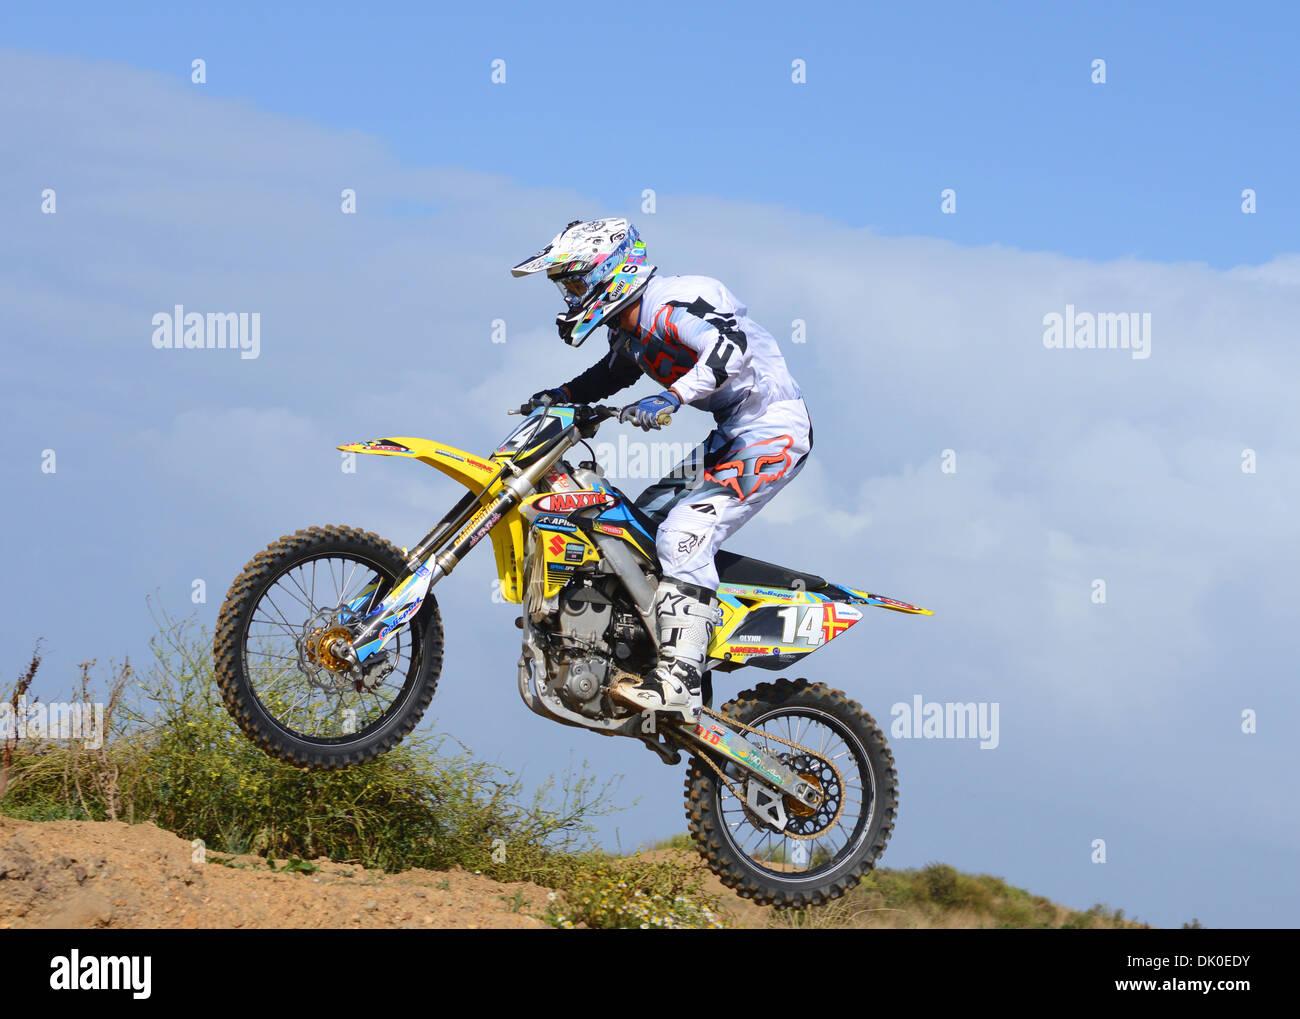 moto x bike rider - Stock Image